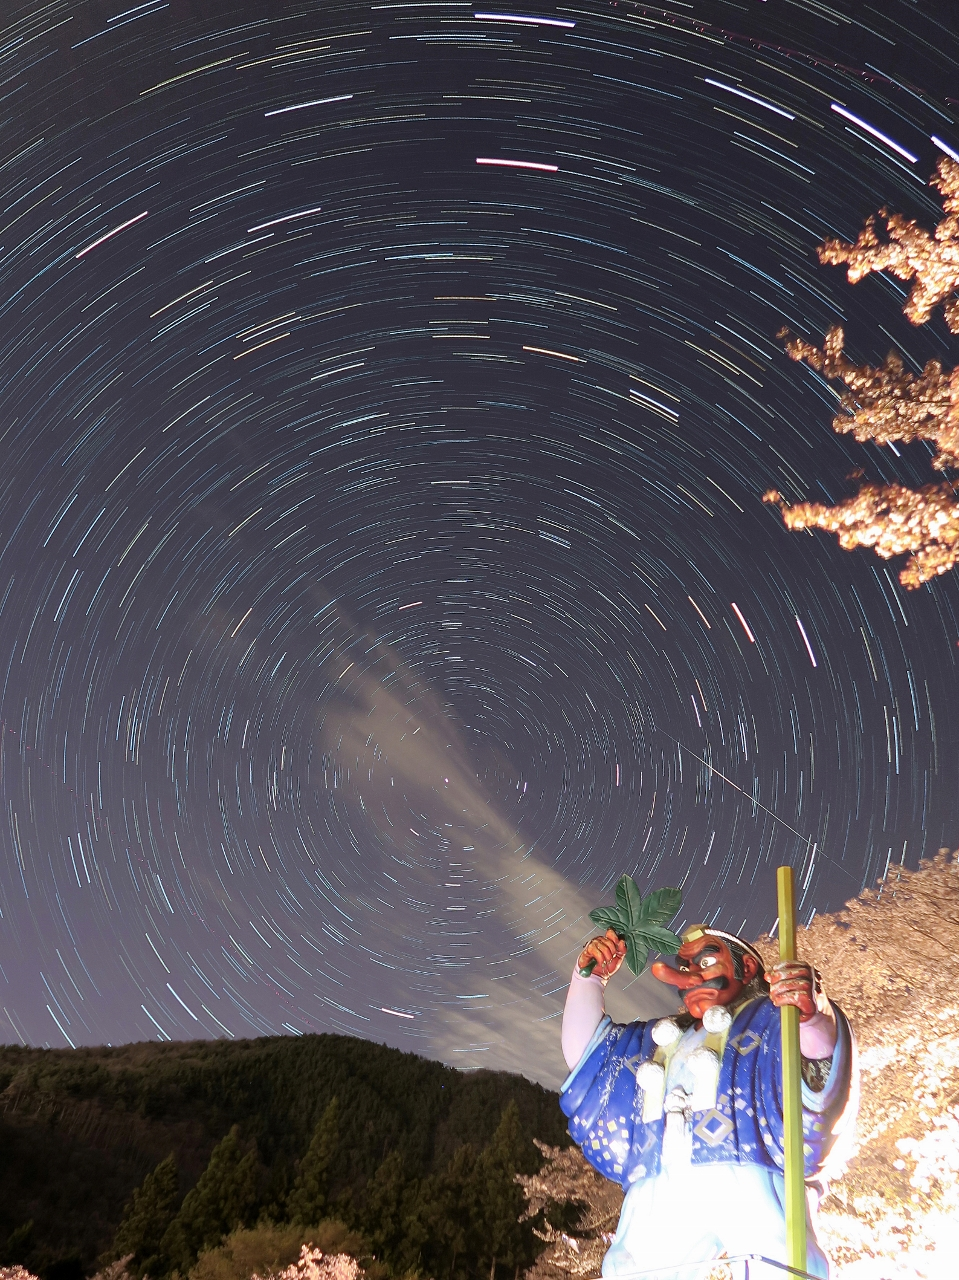 長野県千曲市戸倉宿キティパーク天狗春星空夜桜